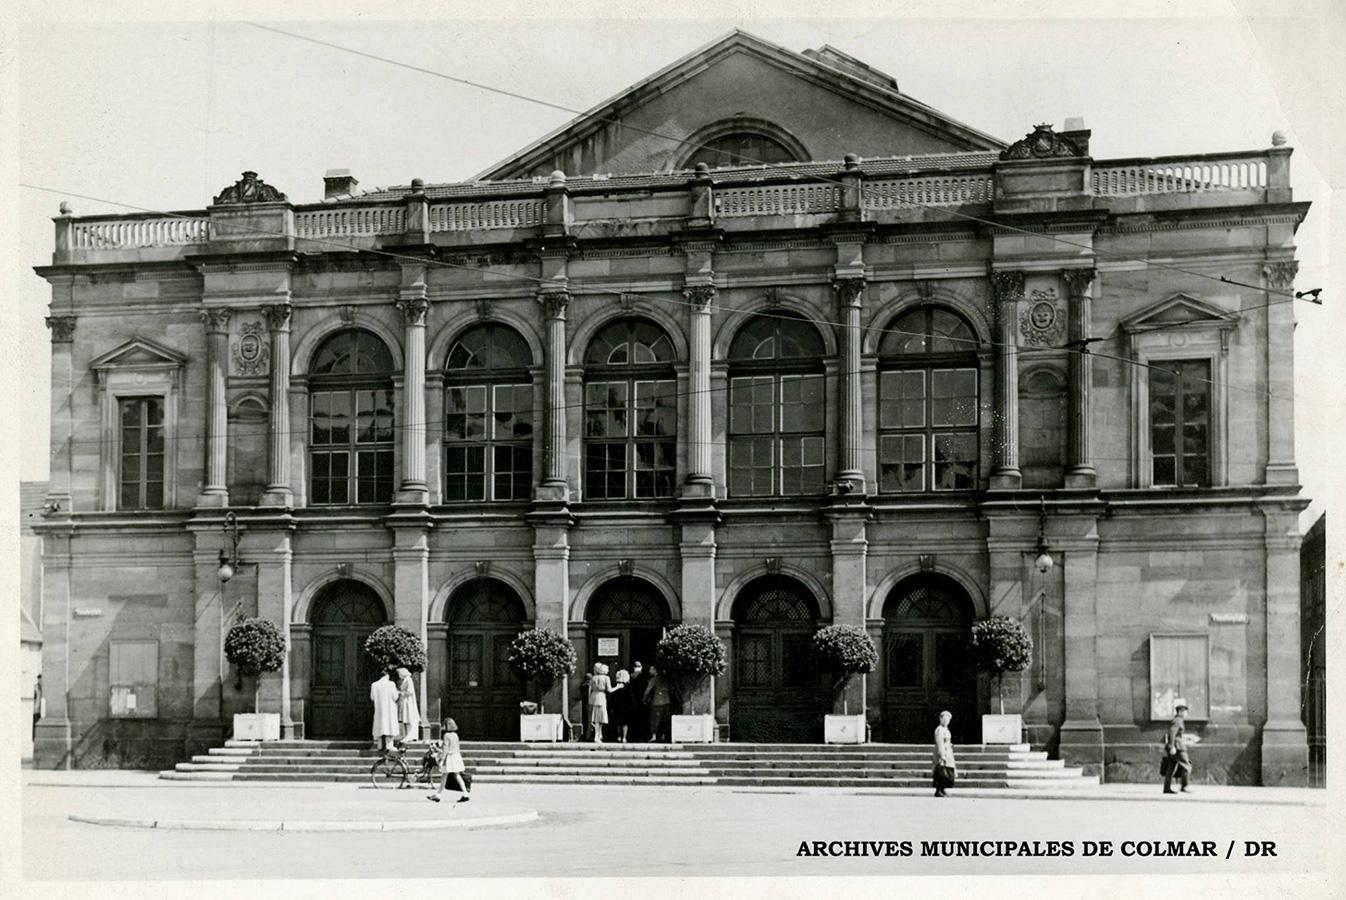 Photo d'archive de la façade du théâtre municipal de Colmar